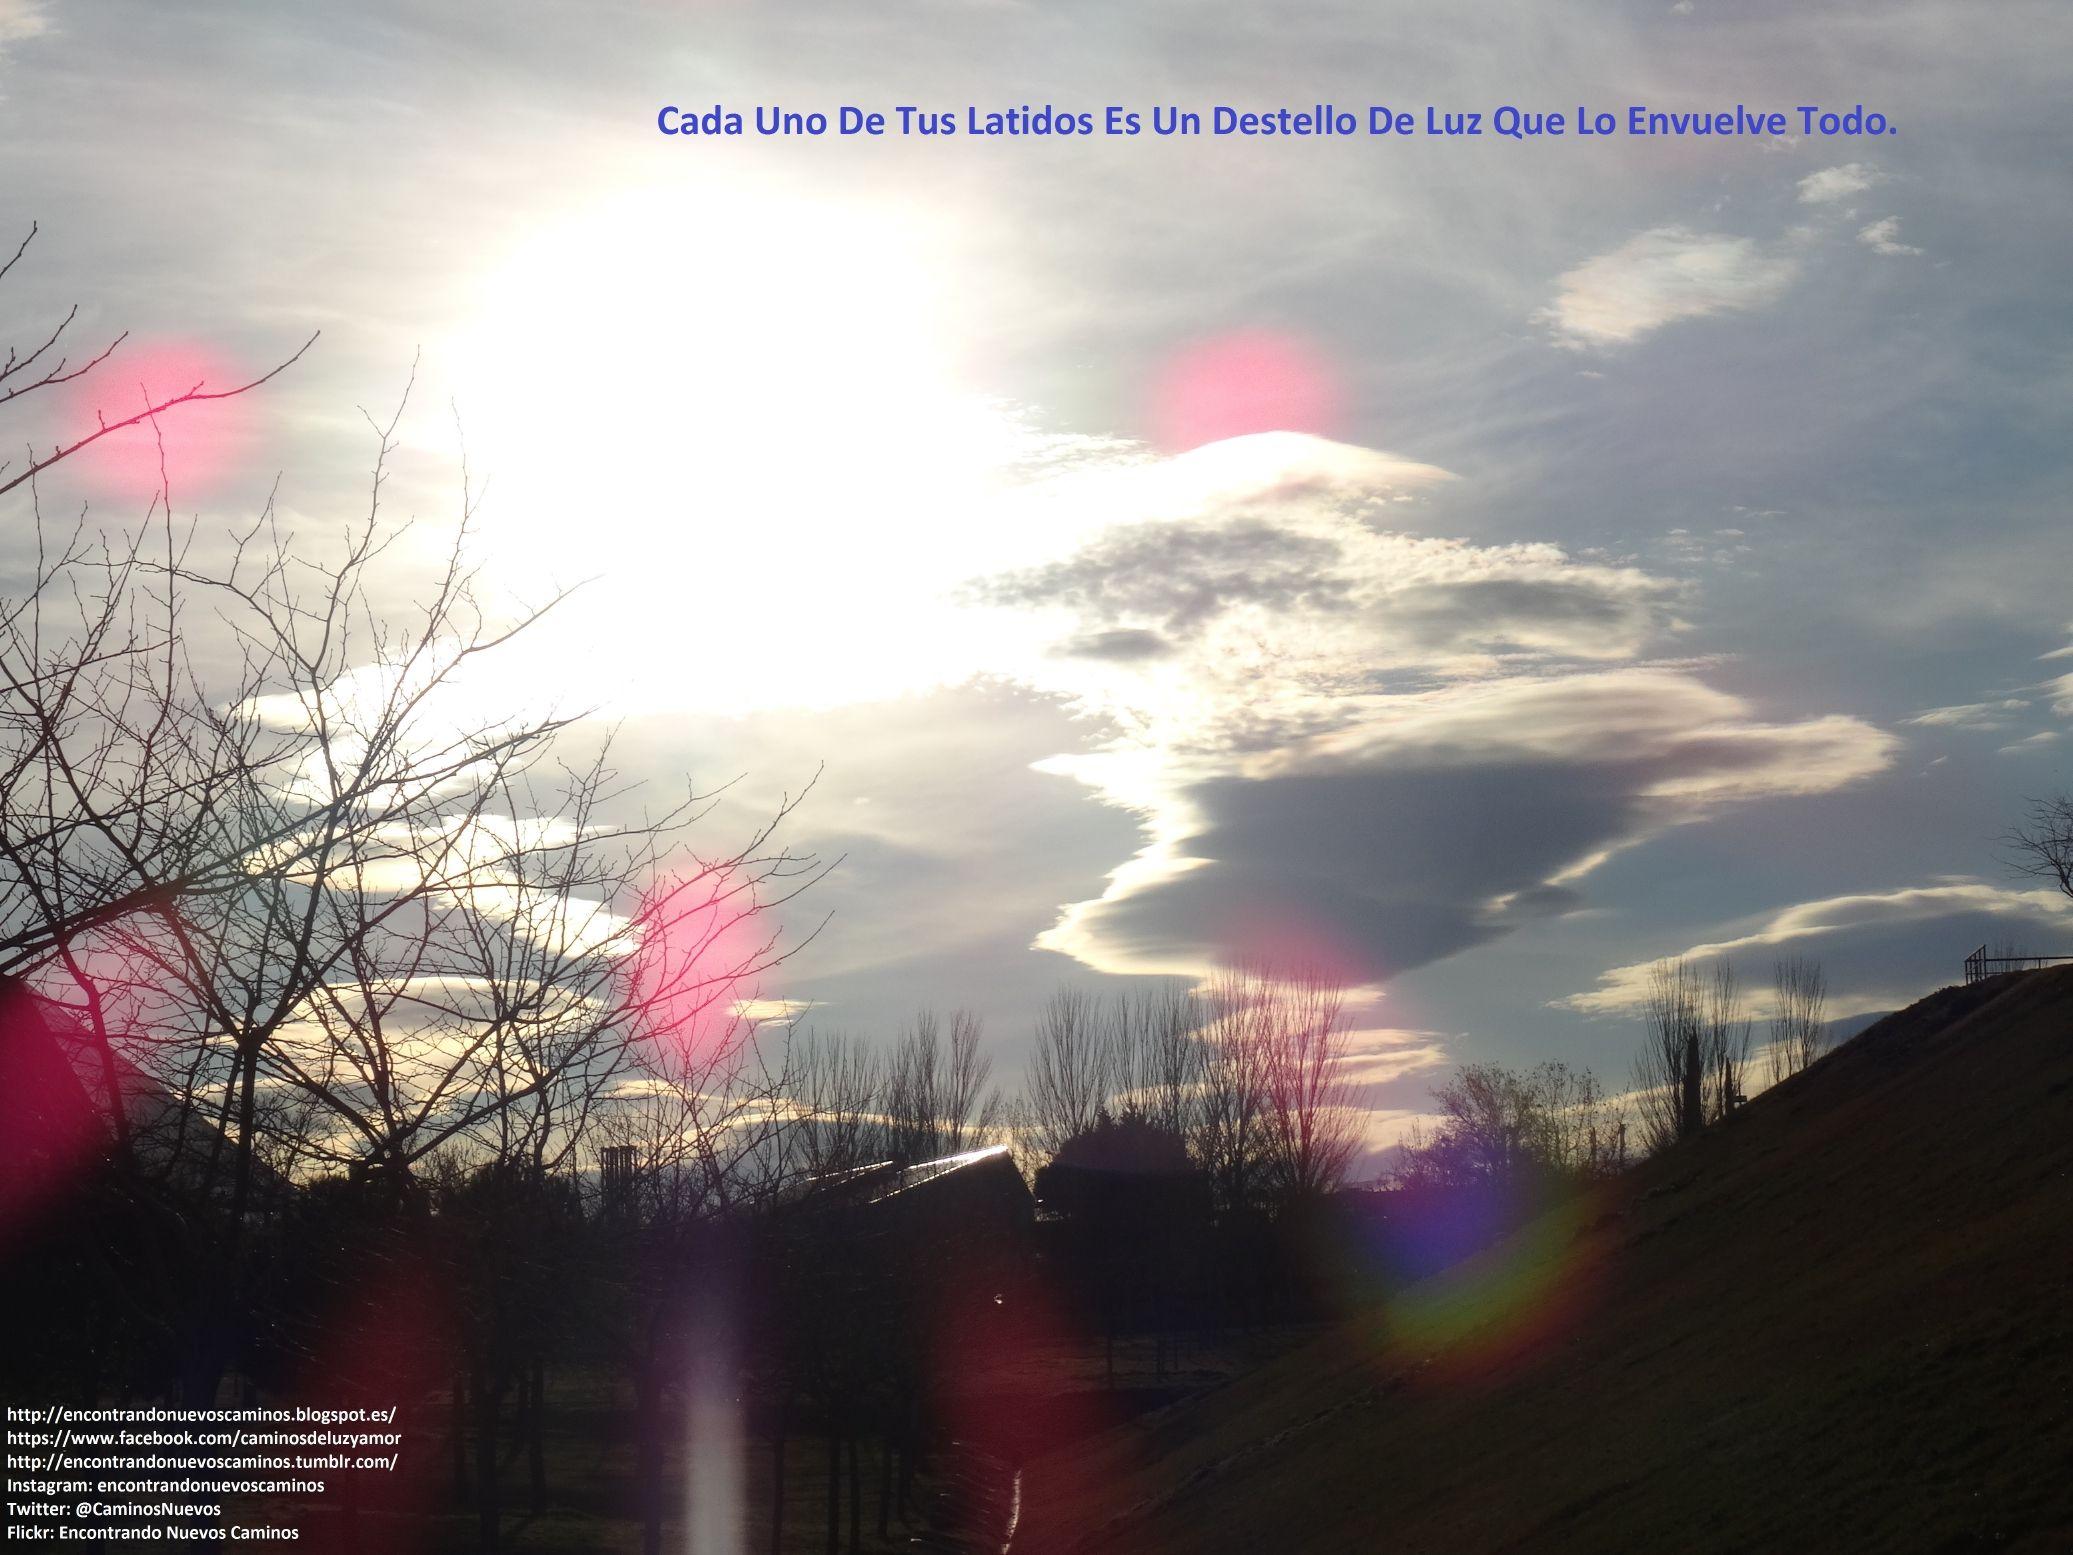 Encontrando Nuevos Caminos Coaching Espiritualidad Amor Salud Cáncer Equilibrio Paz Meditaciones Autoestima Emociones Psicología Autoayuda Enfermedad Relajación Frases Terapias Alternativas Crecimiento Personal Ternura Dios Creador Curación